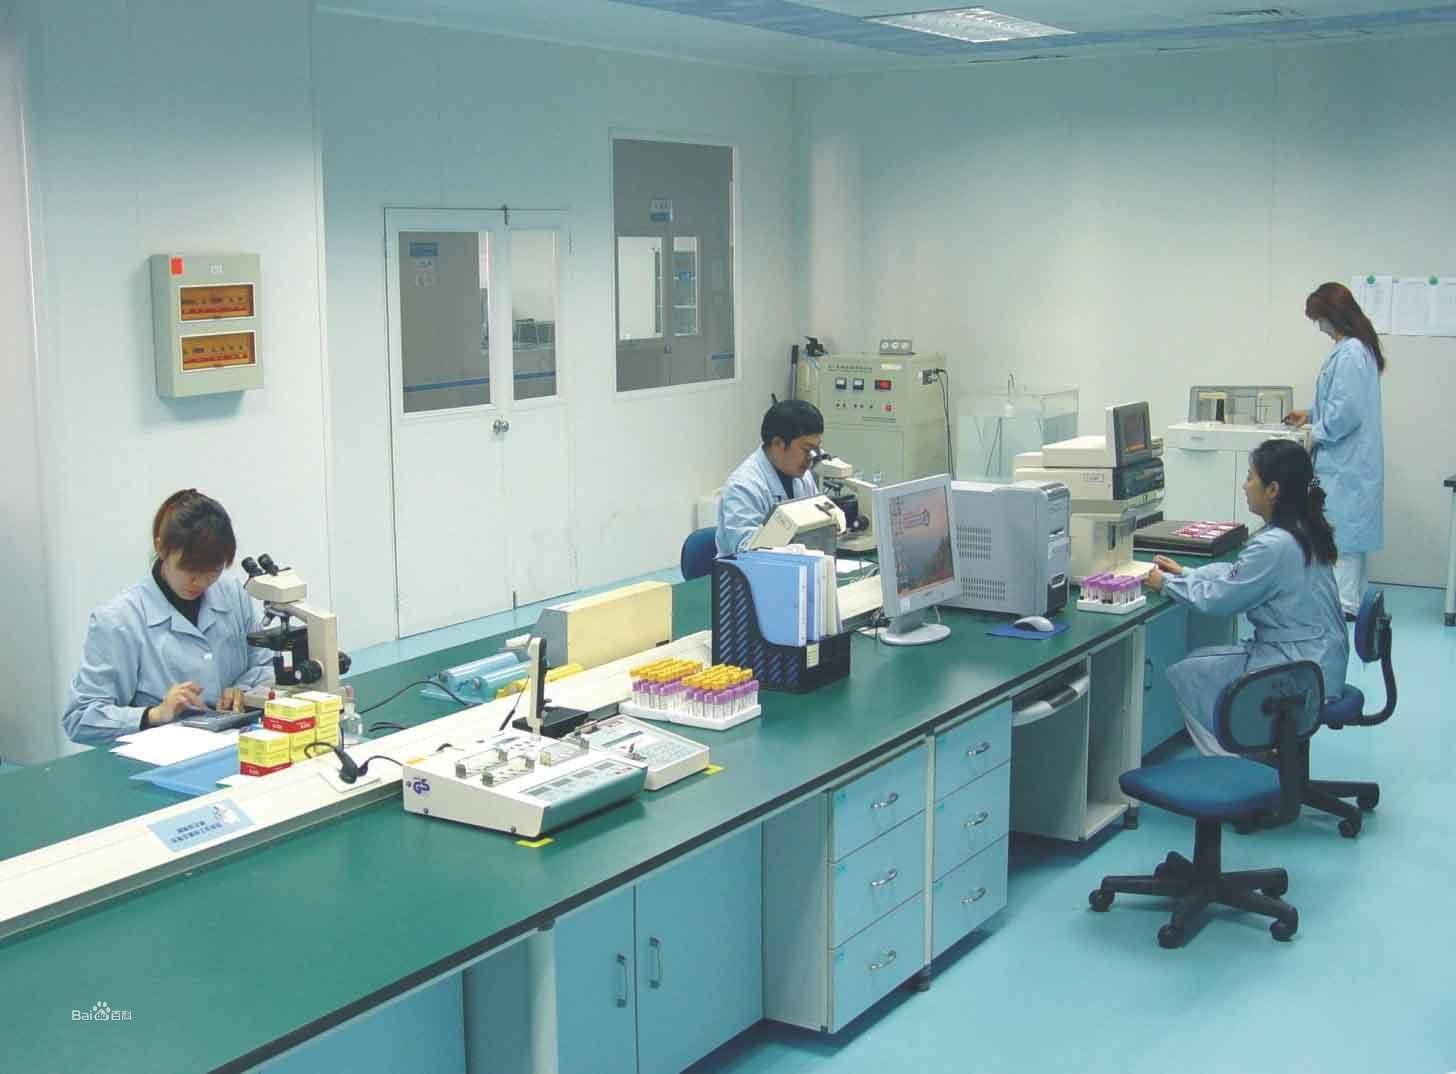 全国慢病健康管理省部级实验室落户河南